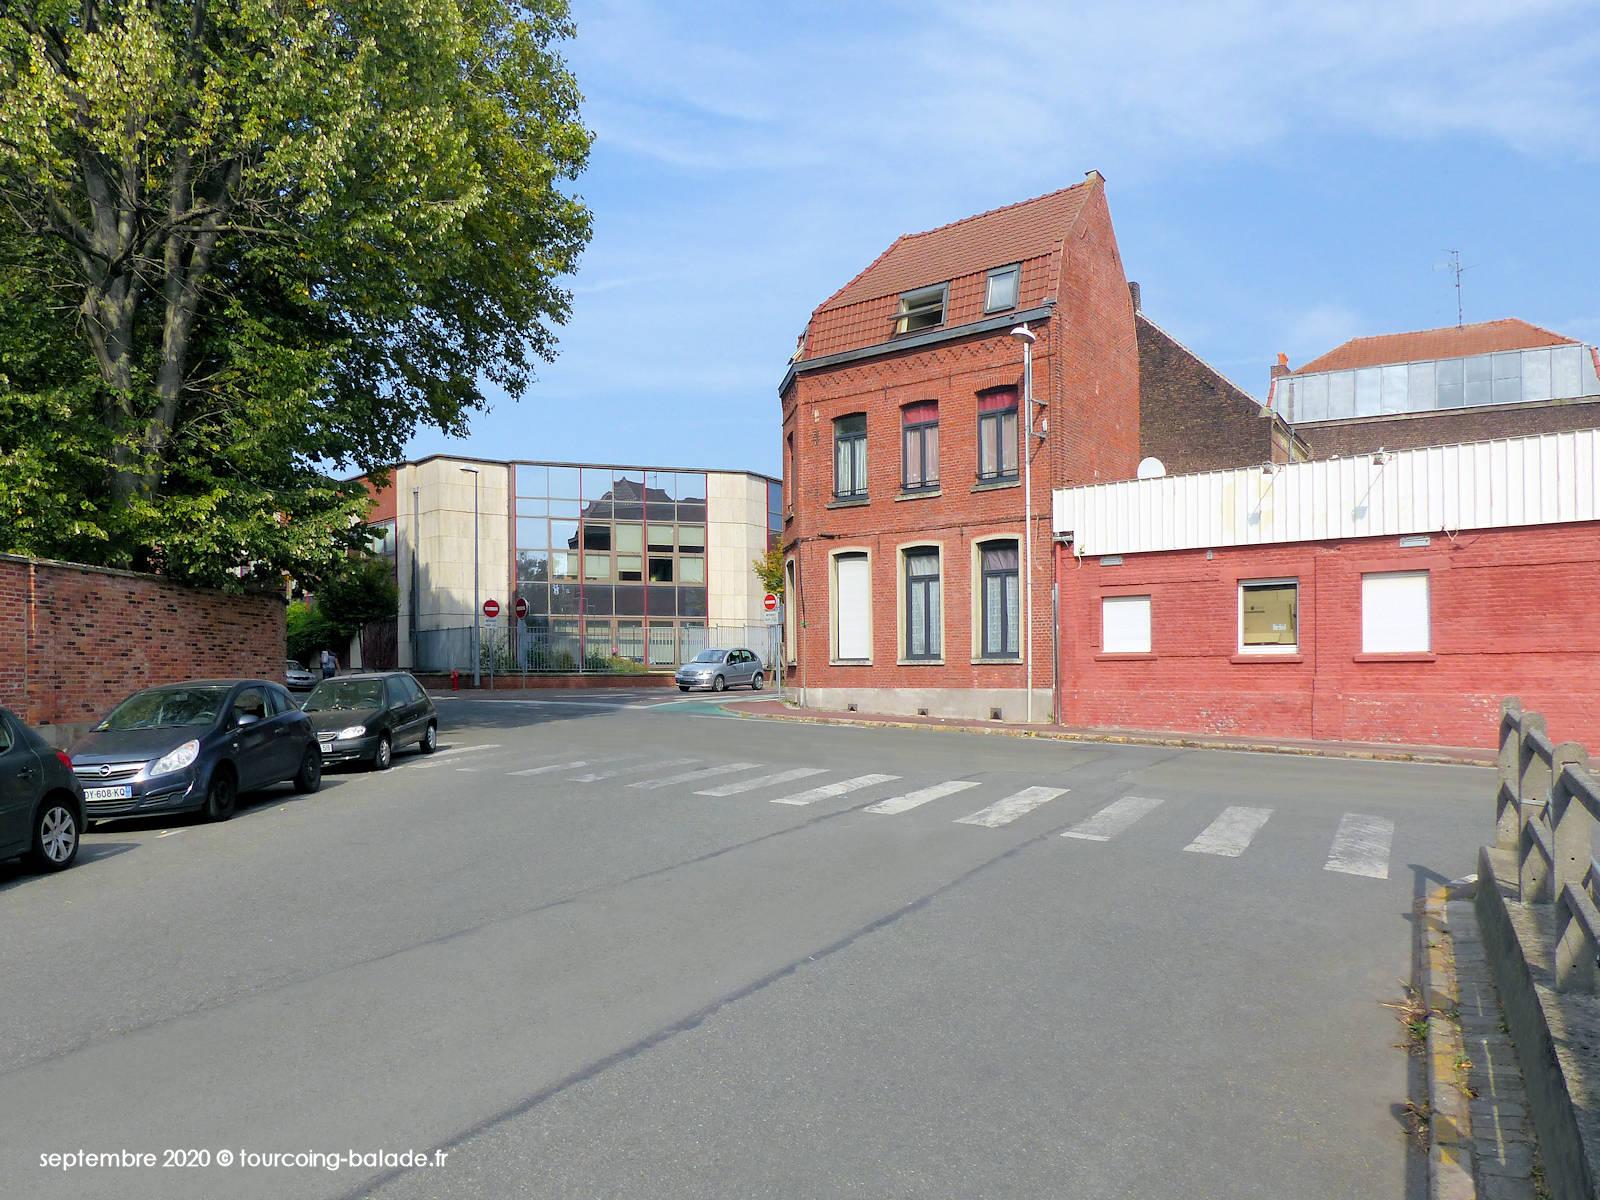 Rue de la Ferme, Tourcoing 2020